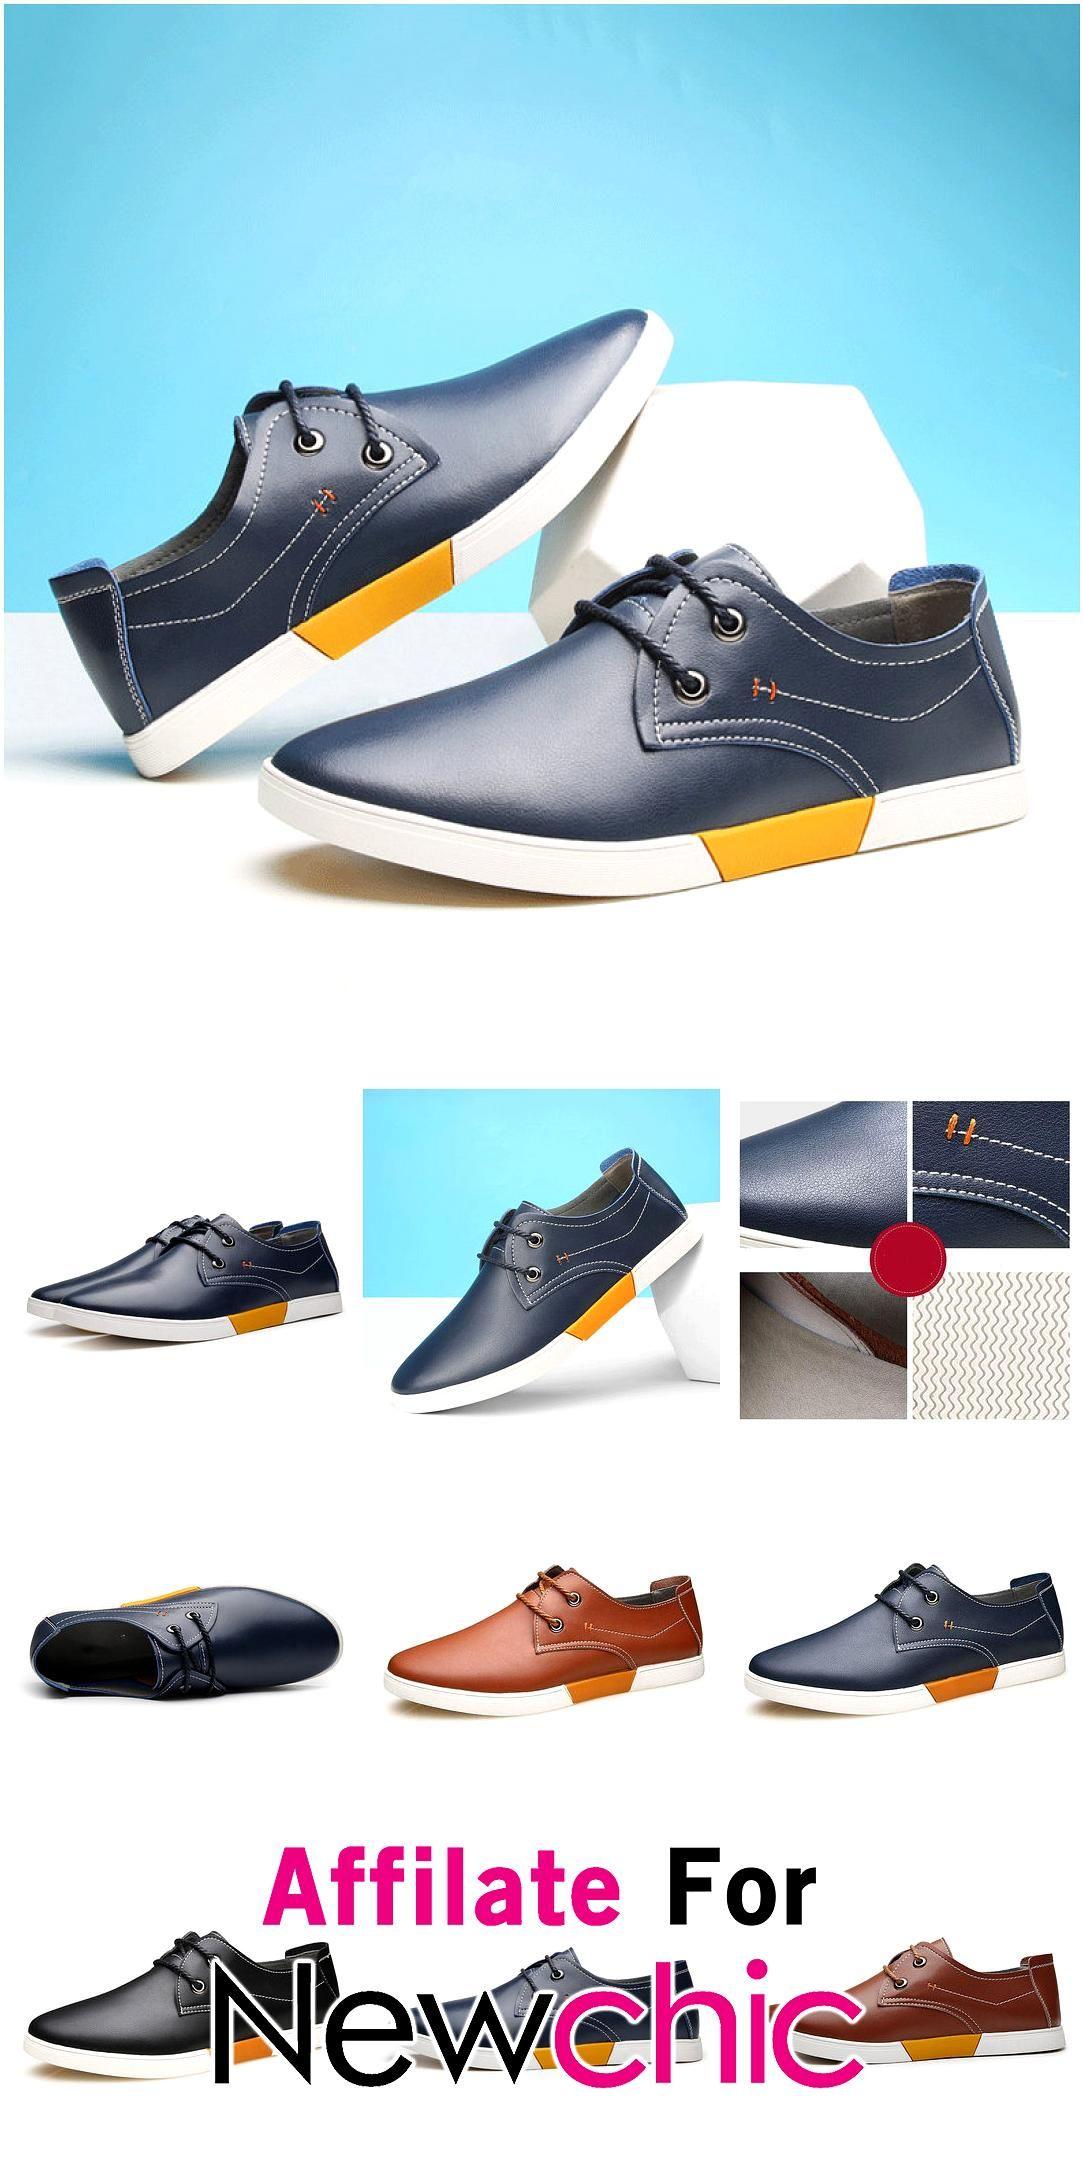 Men Low Top Pure Color Soft Sole Comfy Lace Up Casual Shoes USD 2879 Men Low Top Pure Color Soft Sole Comfy Lace Up Casual Shoes USD 2879 USD 5536 48 off Brand No ShoeTyp...